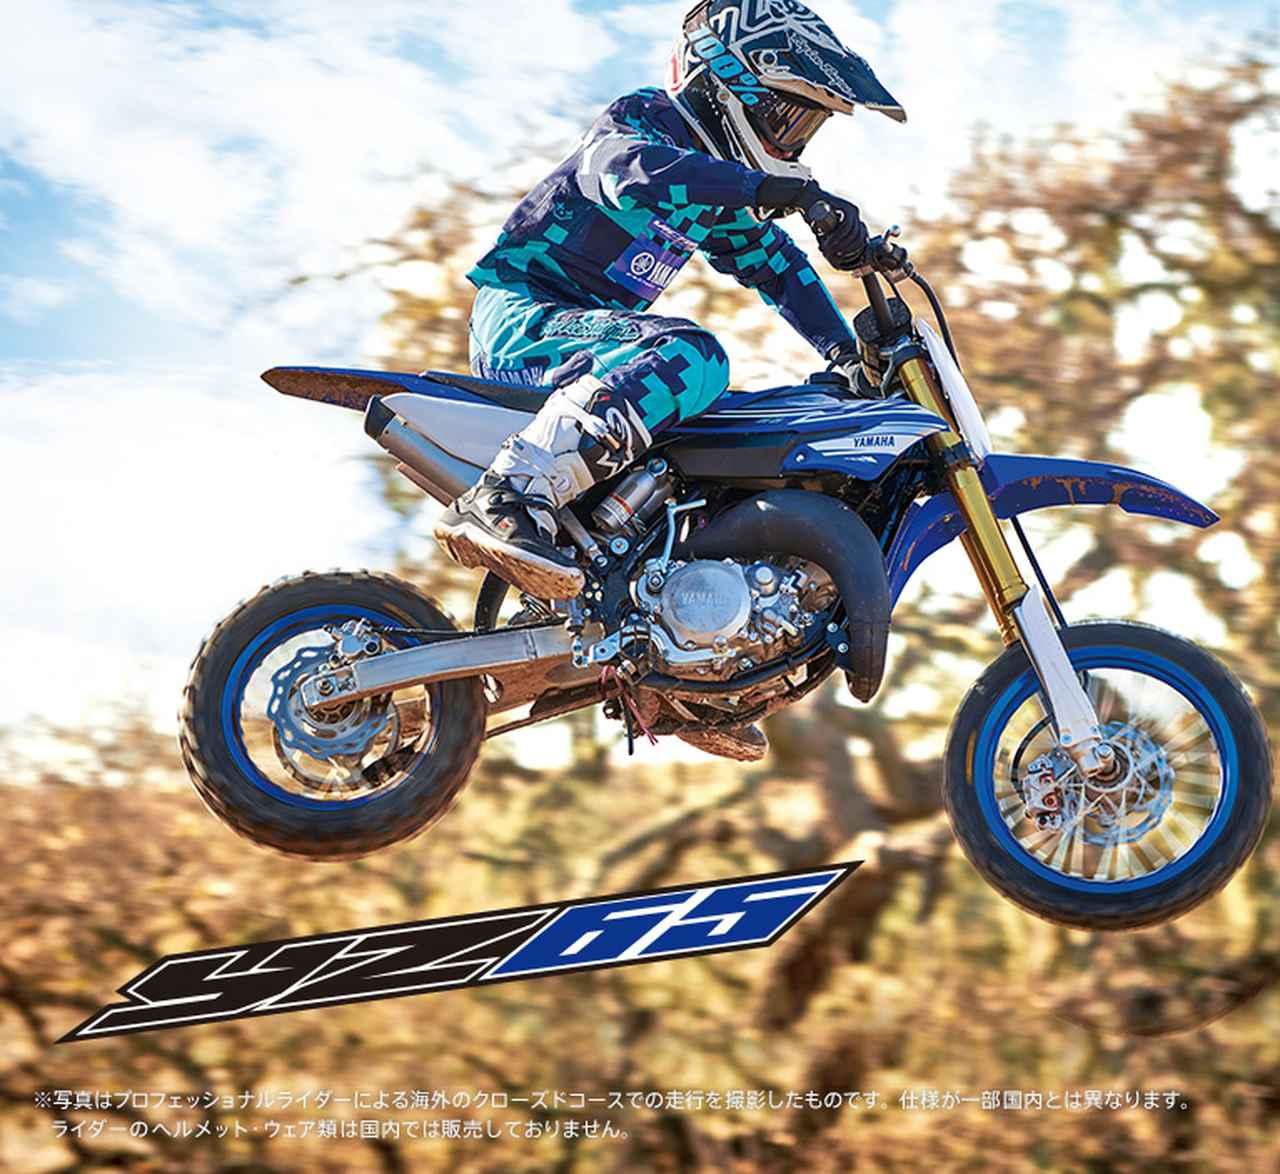 画像: YZ65 - バイク・スクーター|ヤマハ発動機株式会社